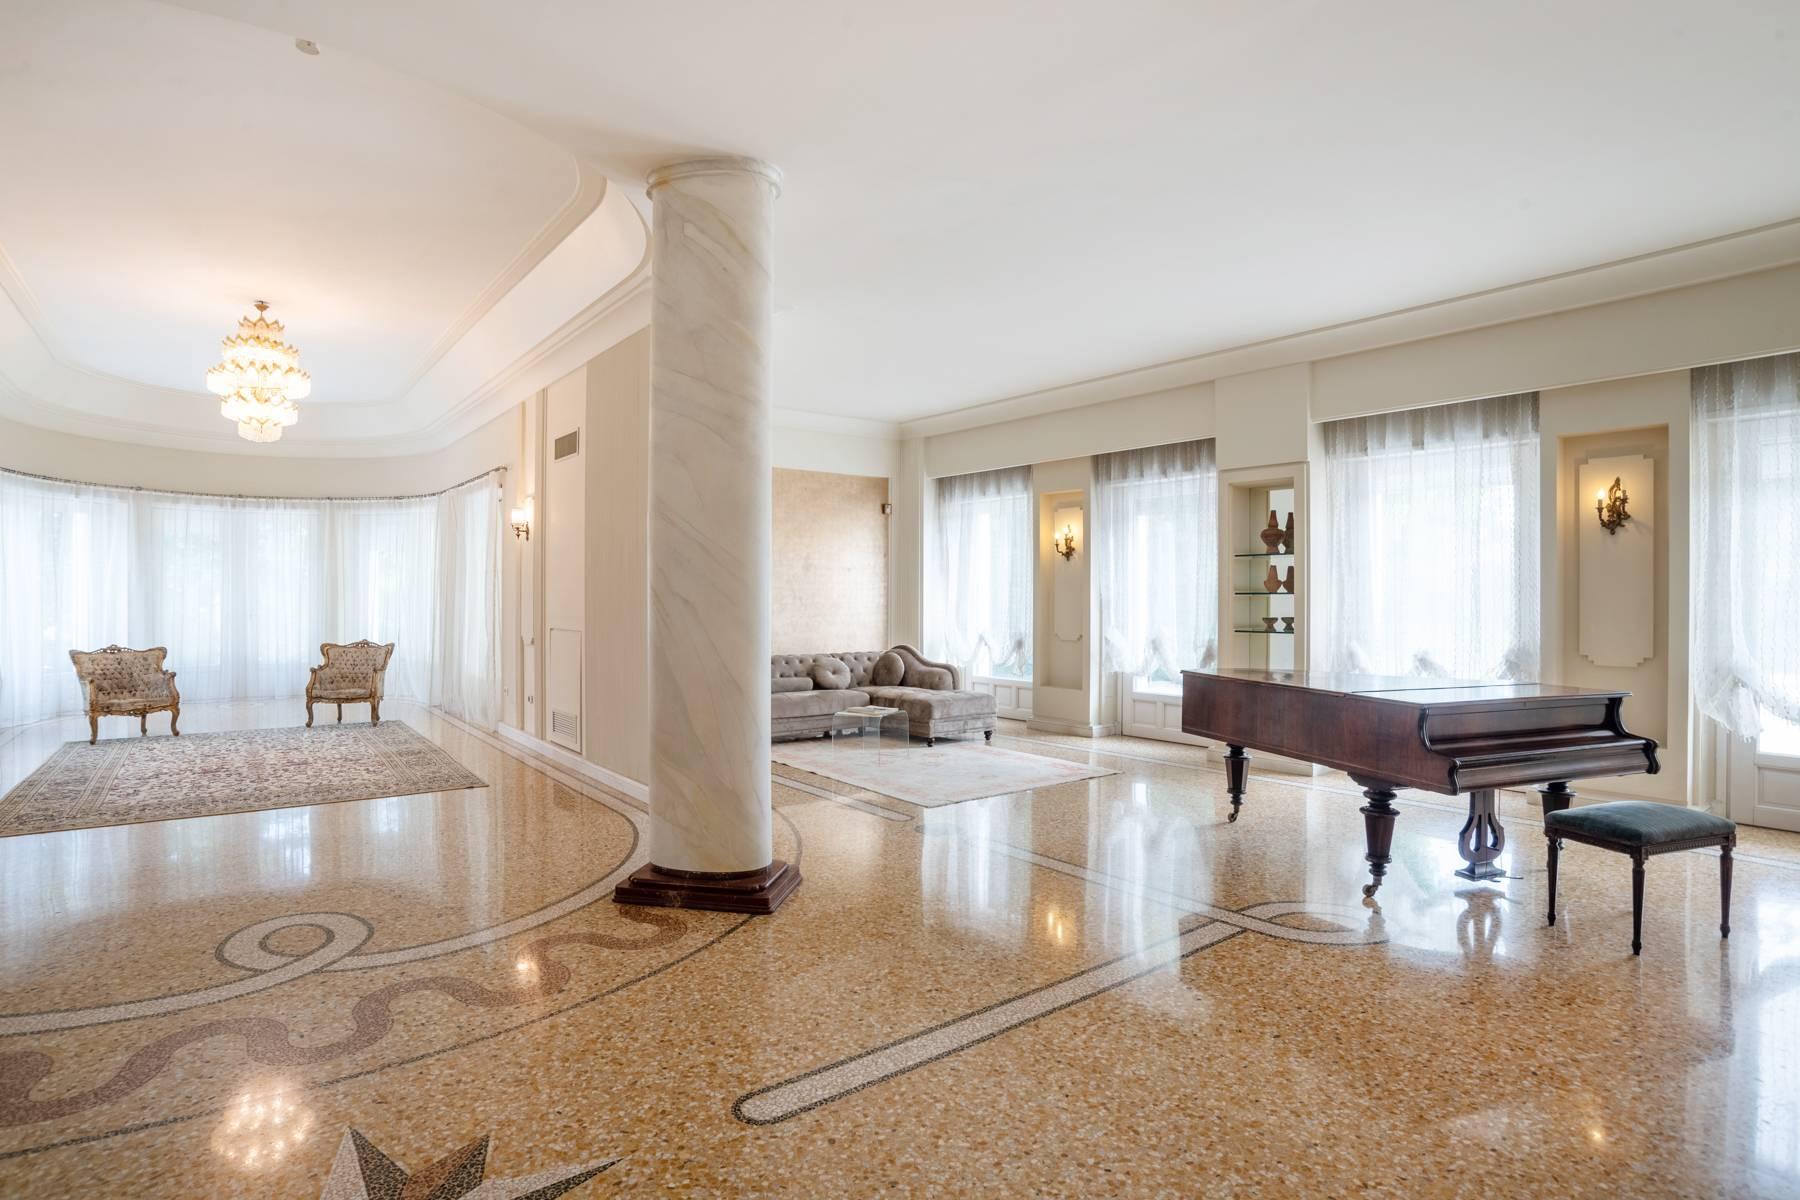 Lussuosa villa neoclassica con ampio parco e piscina - 12